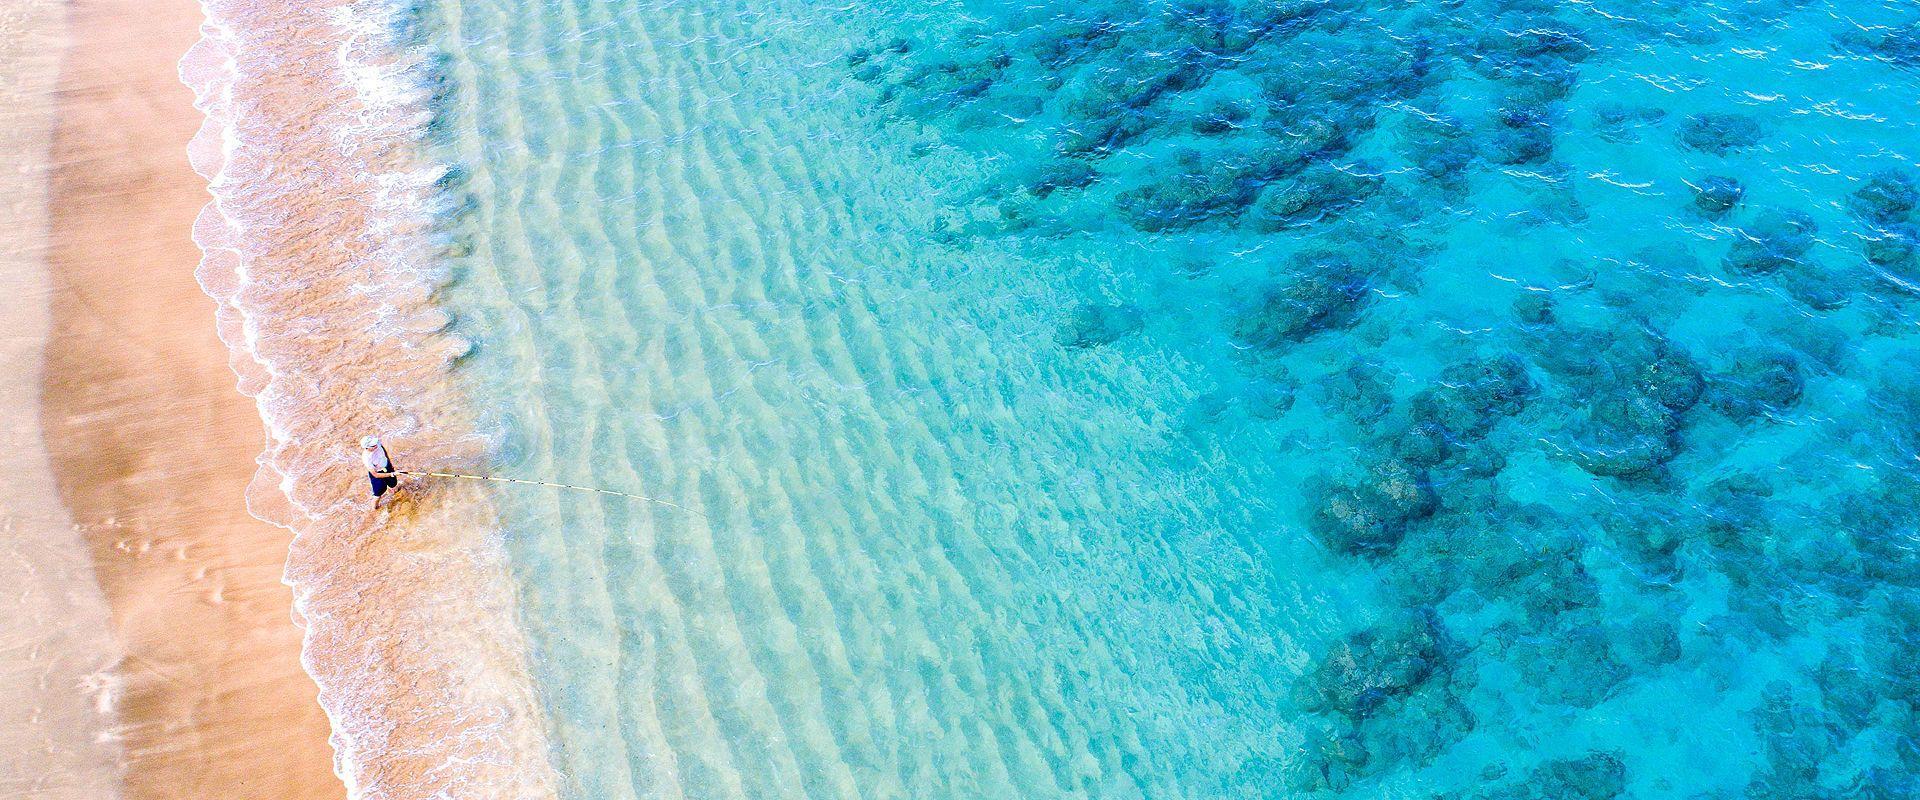 ハワイ・太平洋横断クルーズ 10泊11日